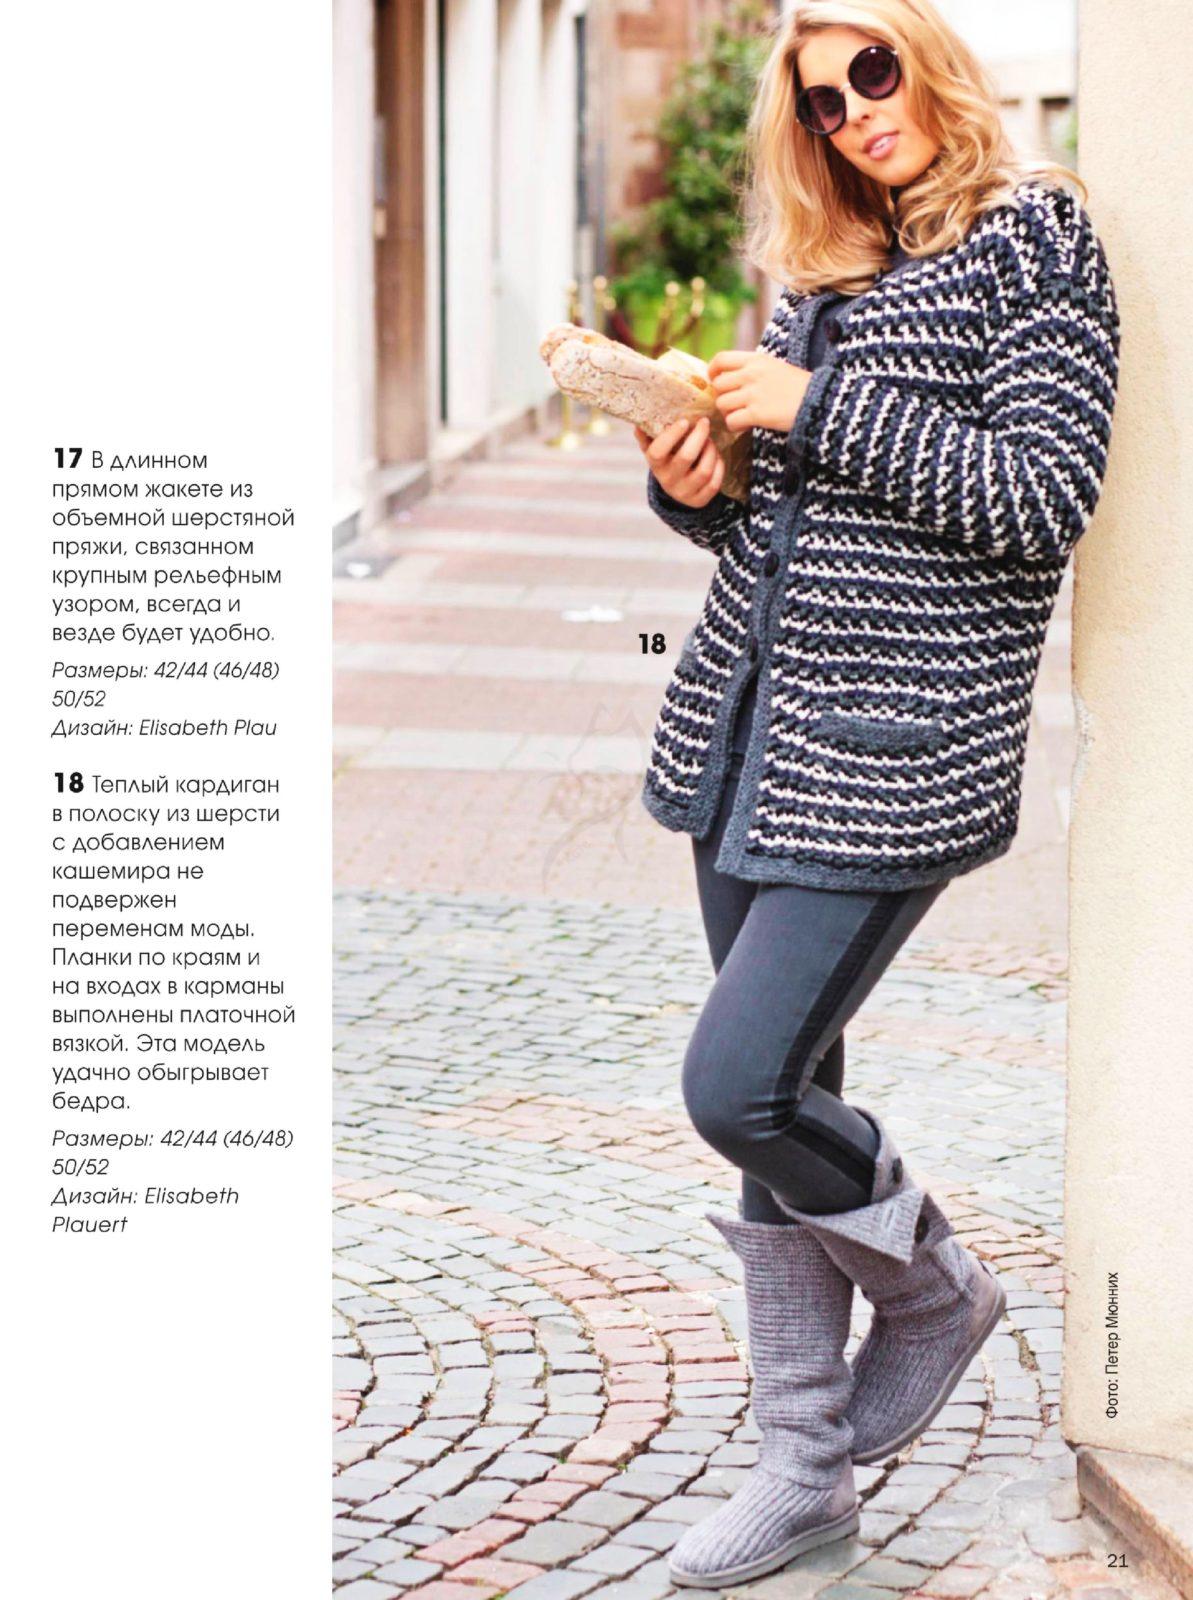 Вязание спицами для женщин модели 2018: красивй жакет